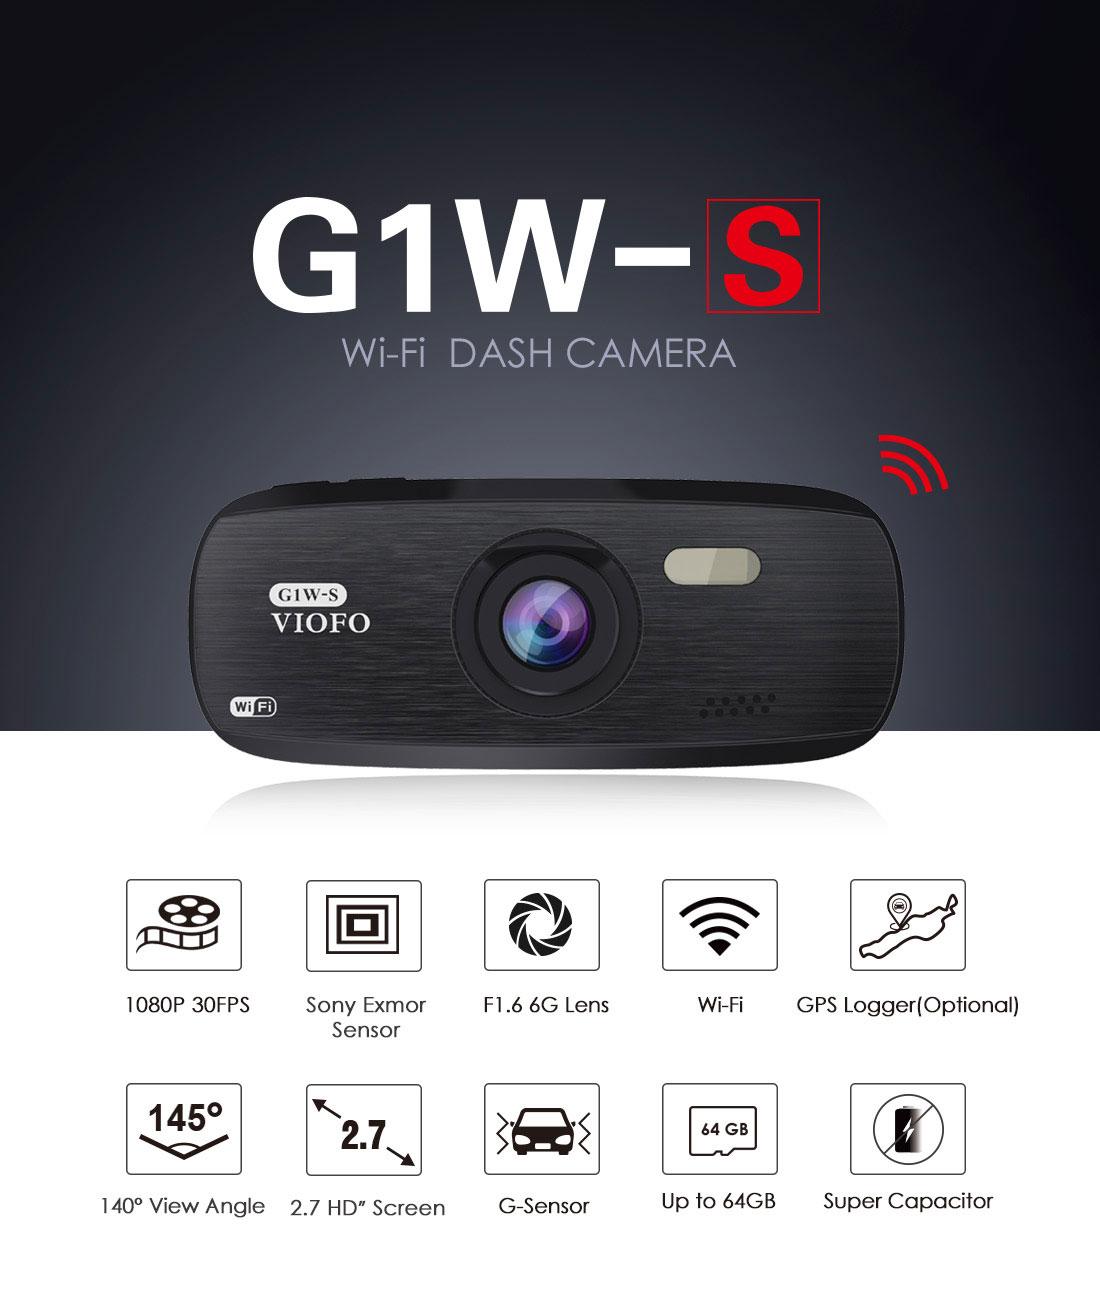 Видеорегистратор G1W-S Wi-Fi